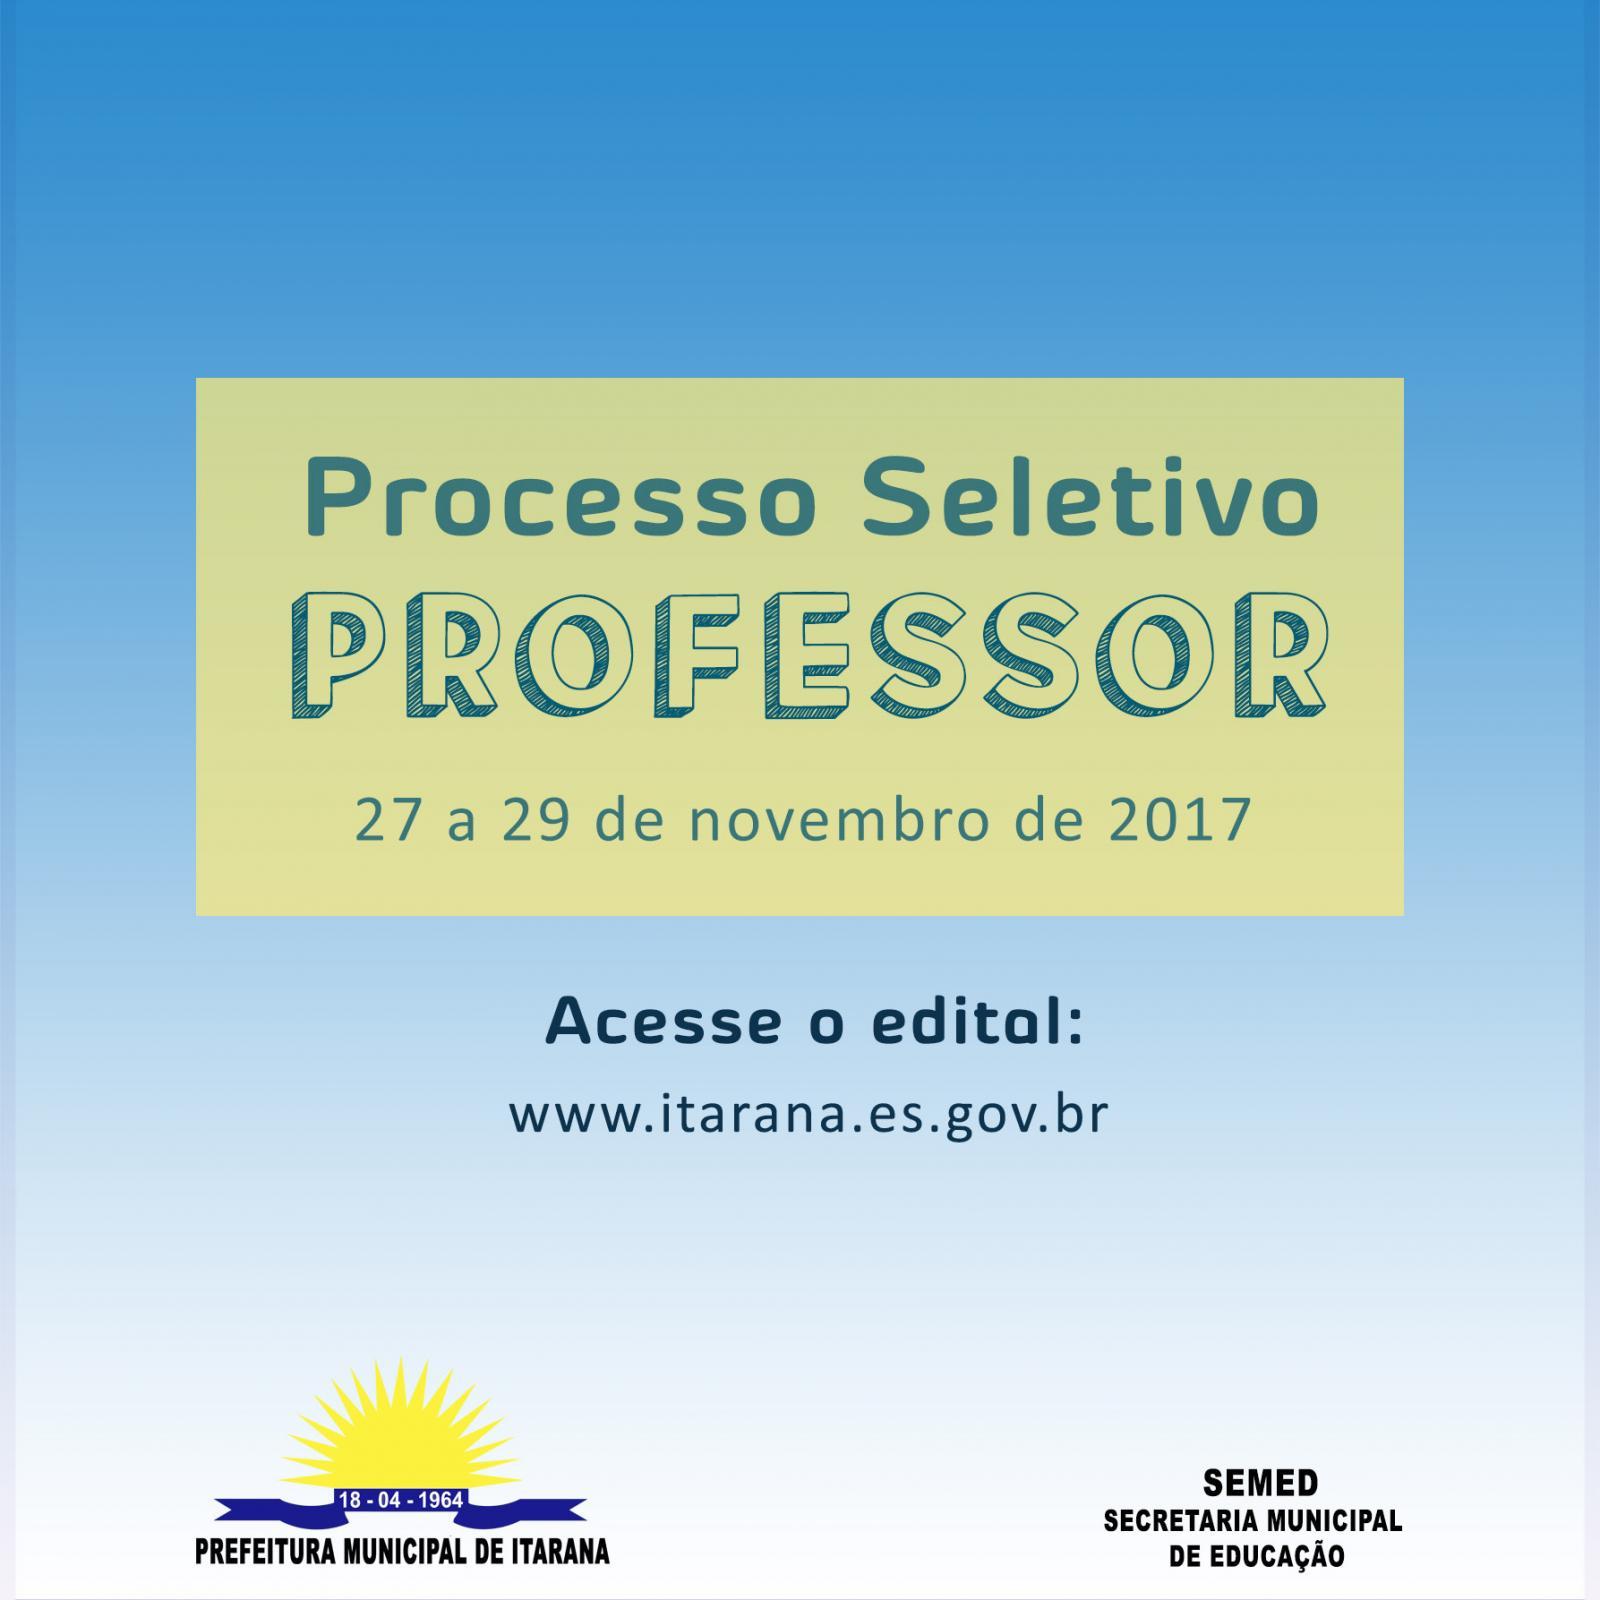 Processo Seletivo Simplificado para contratação de Professores por tempo determinado